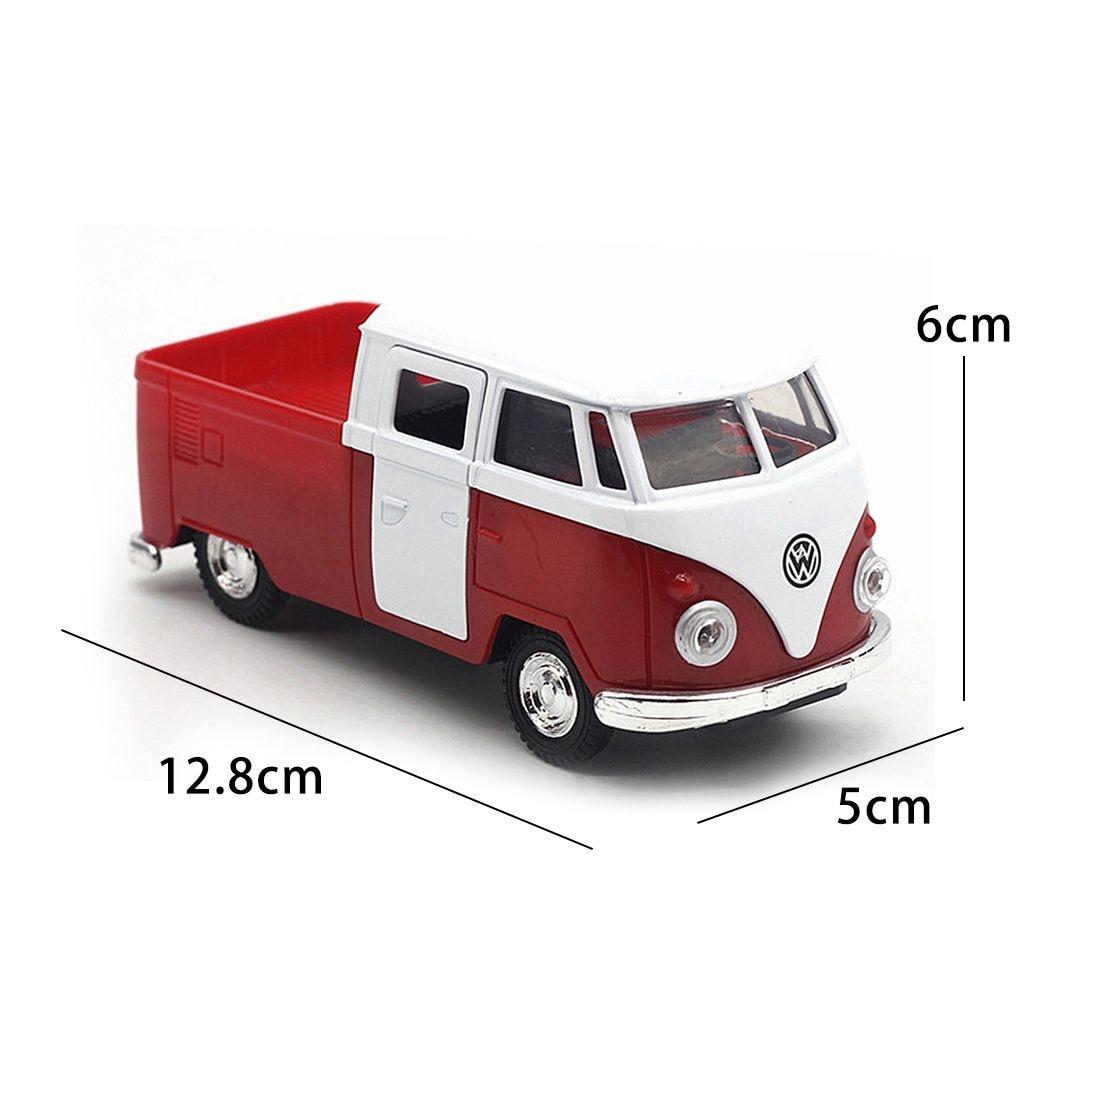 Горячая Распродажа красный моделирование 1:32 звук и свет музыка отступить Ретро фургона пожарная машина сплава модель